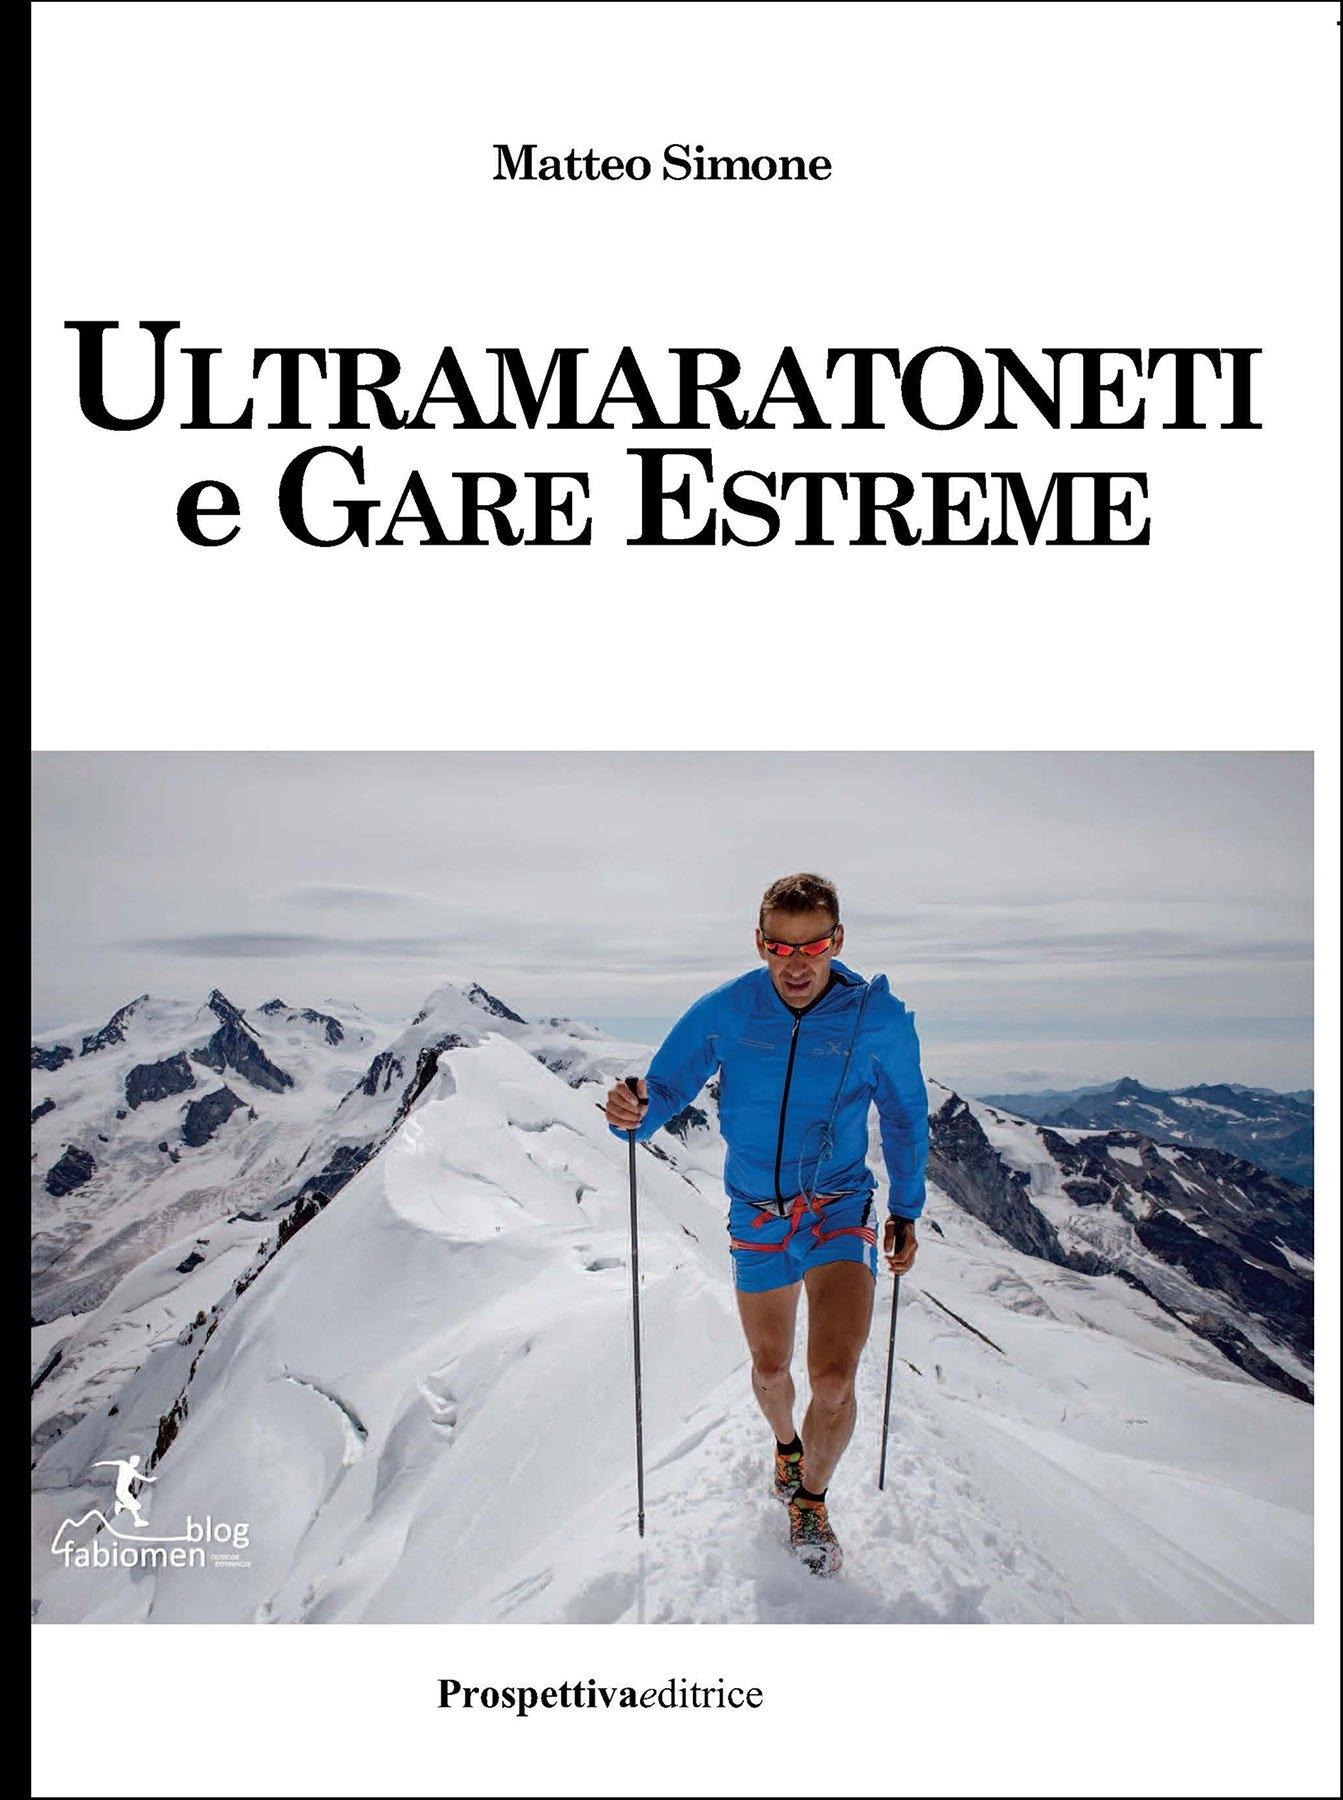 Ultramaratoneti e gare estreme